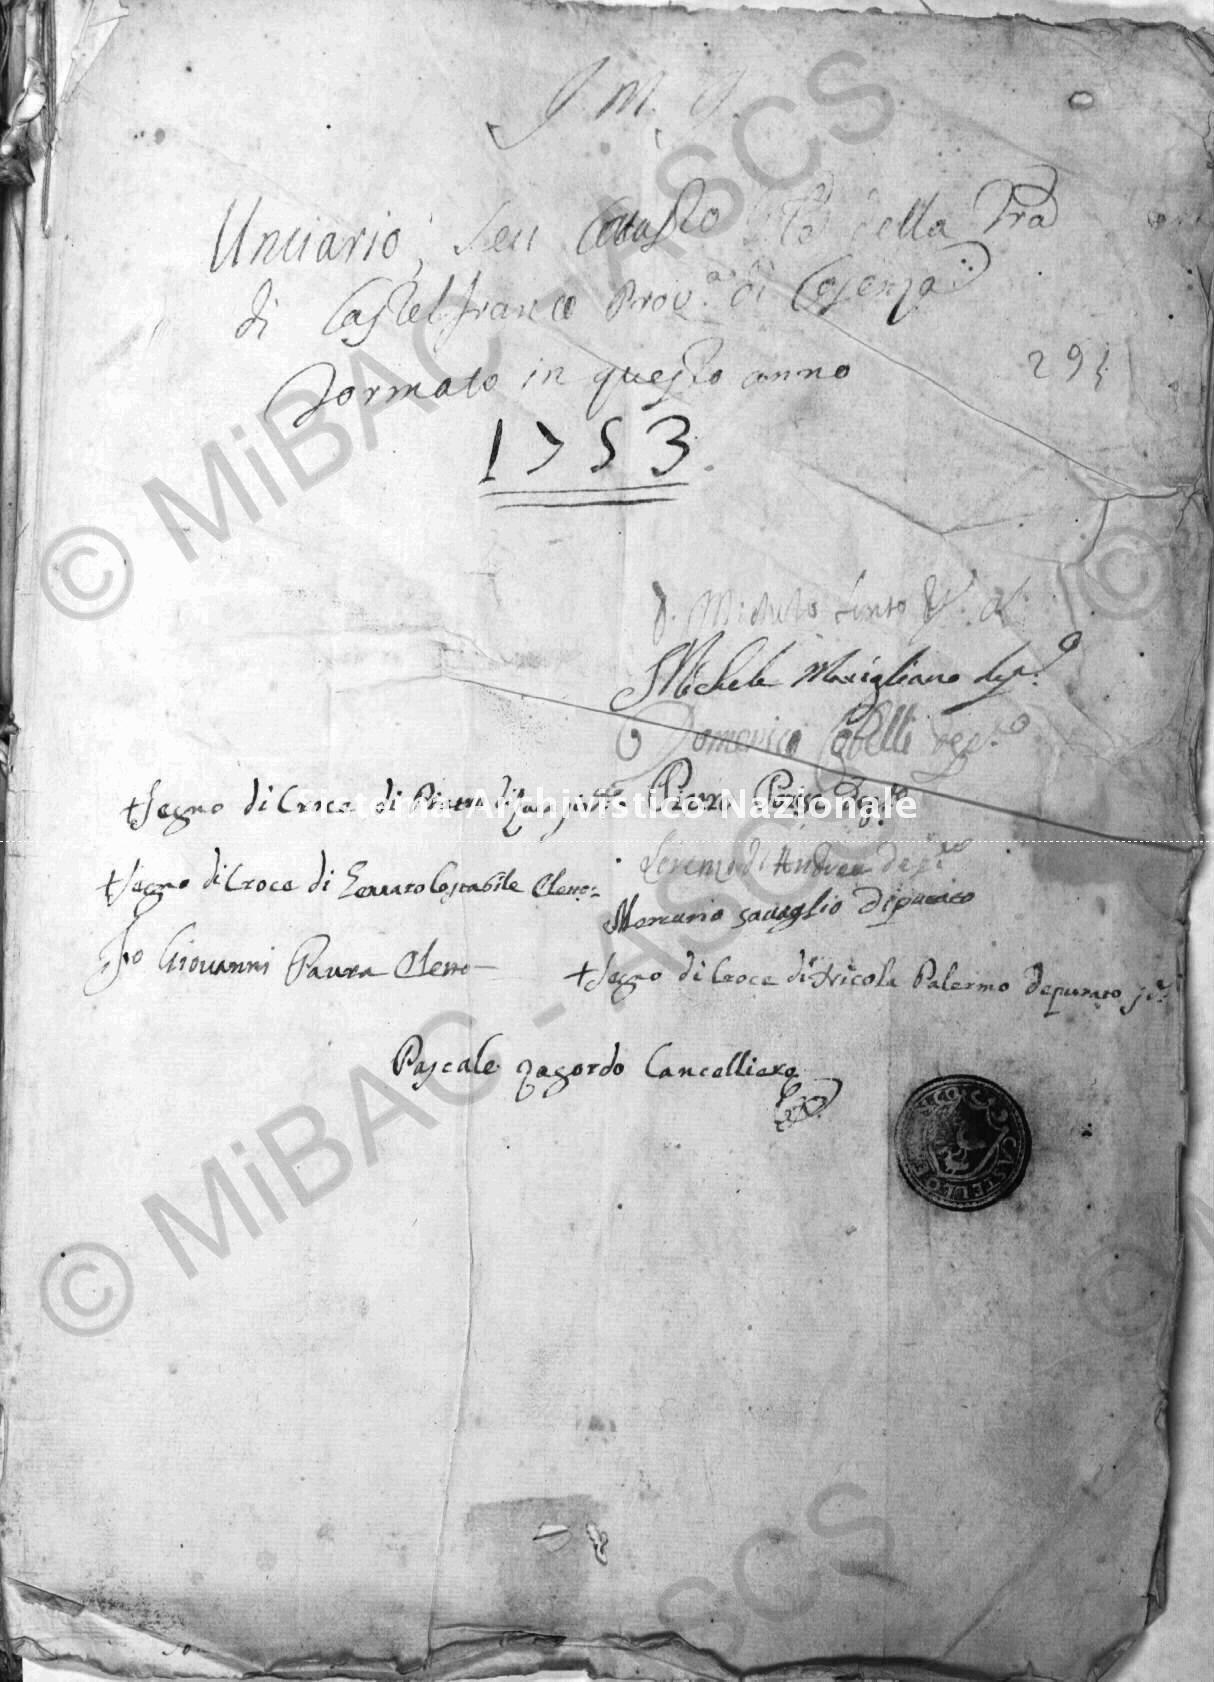 Archivio di Stato di Cosenza. Catasto Onciario Castelfranco